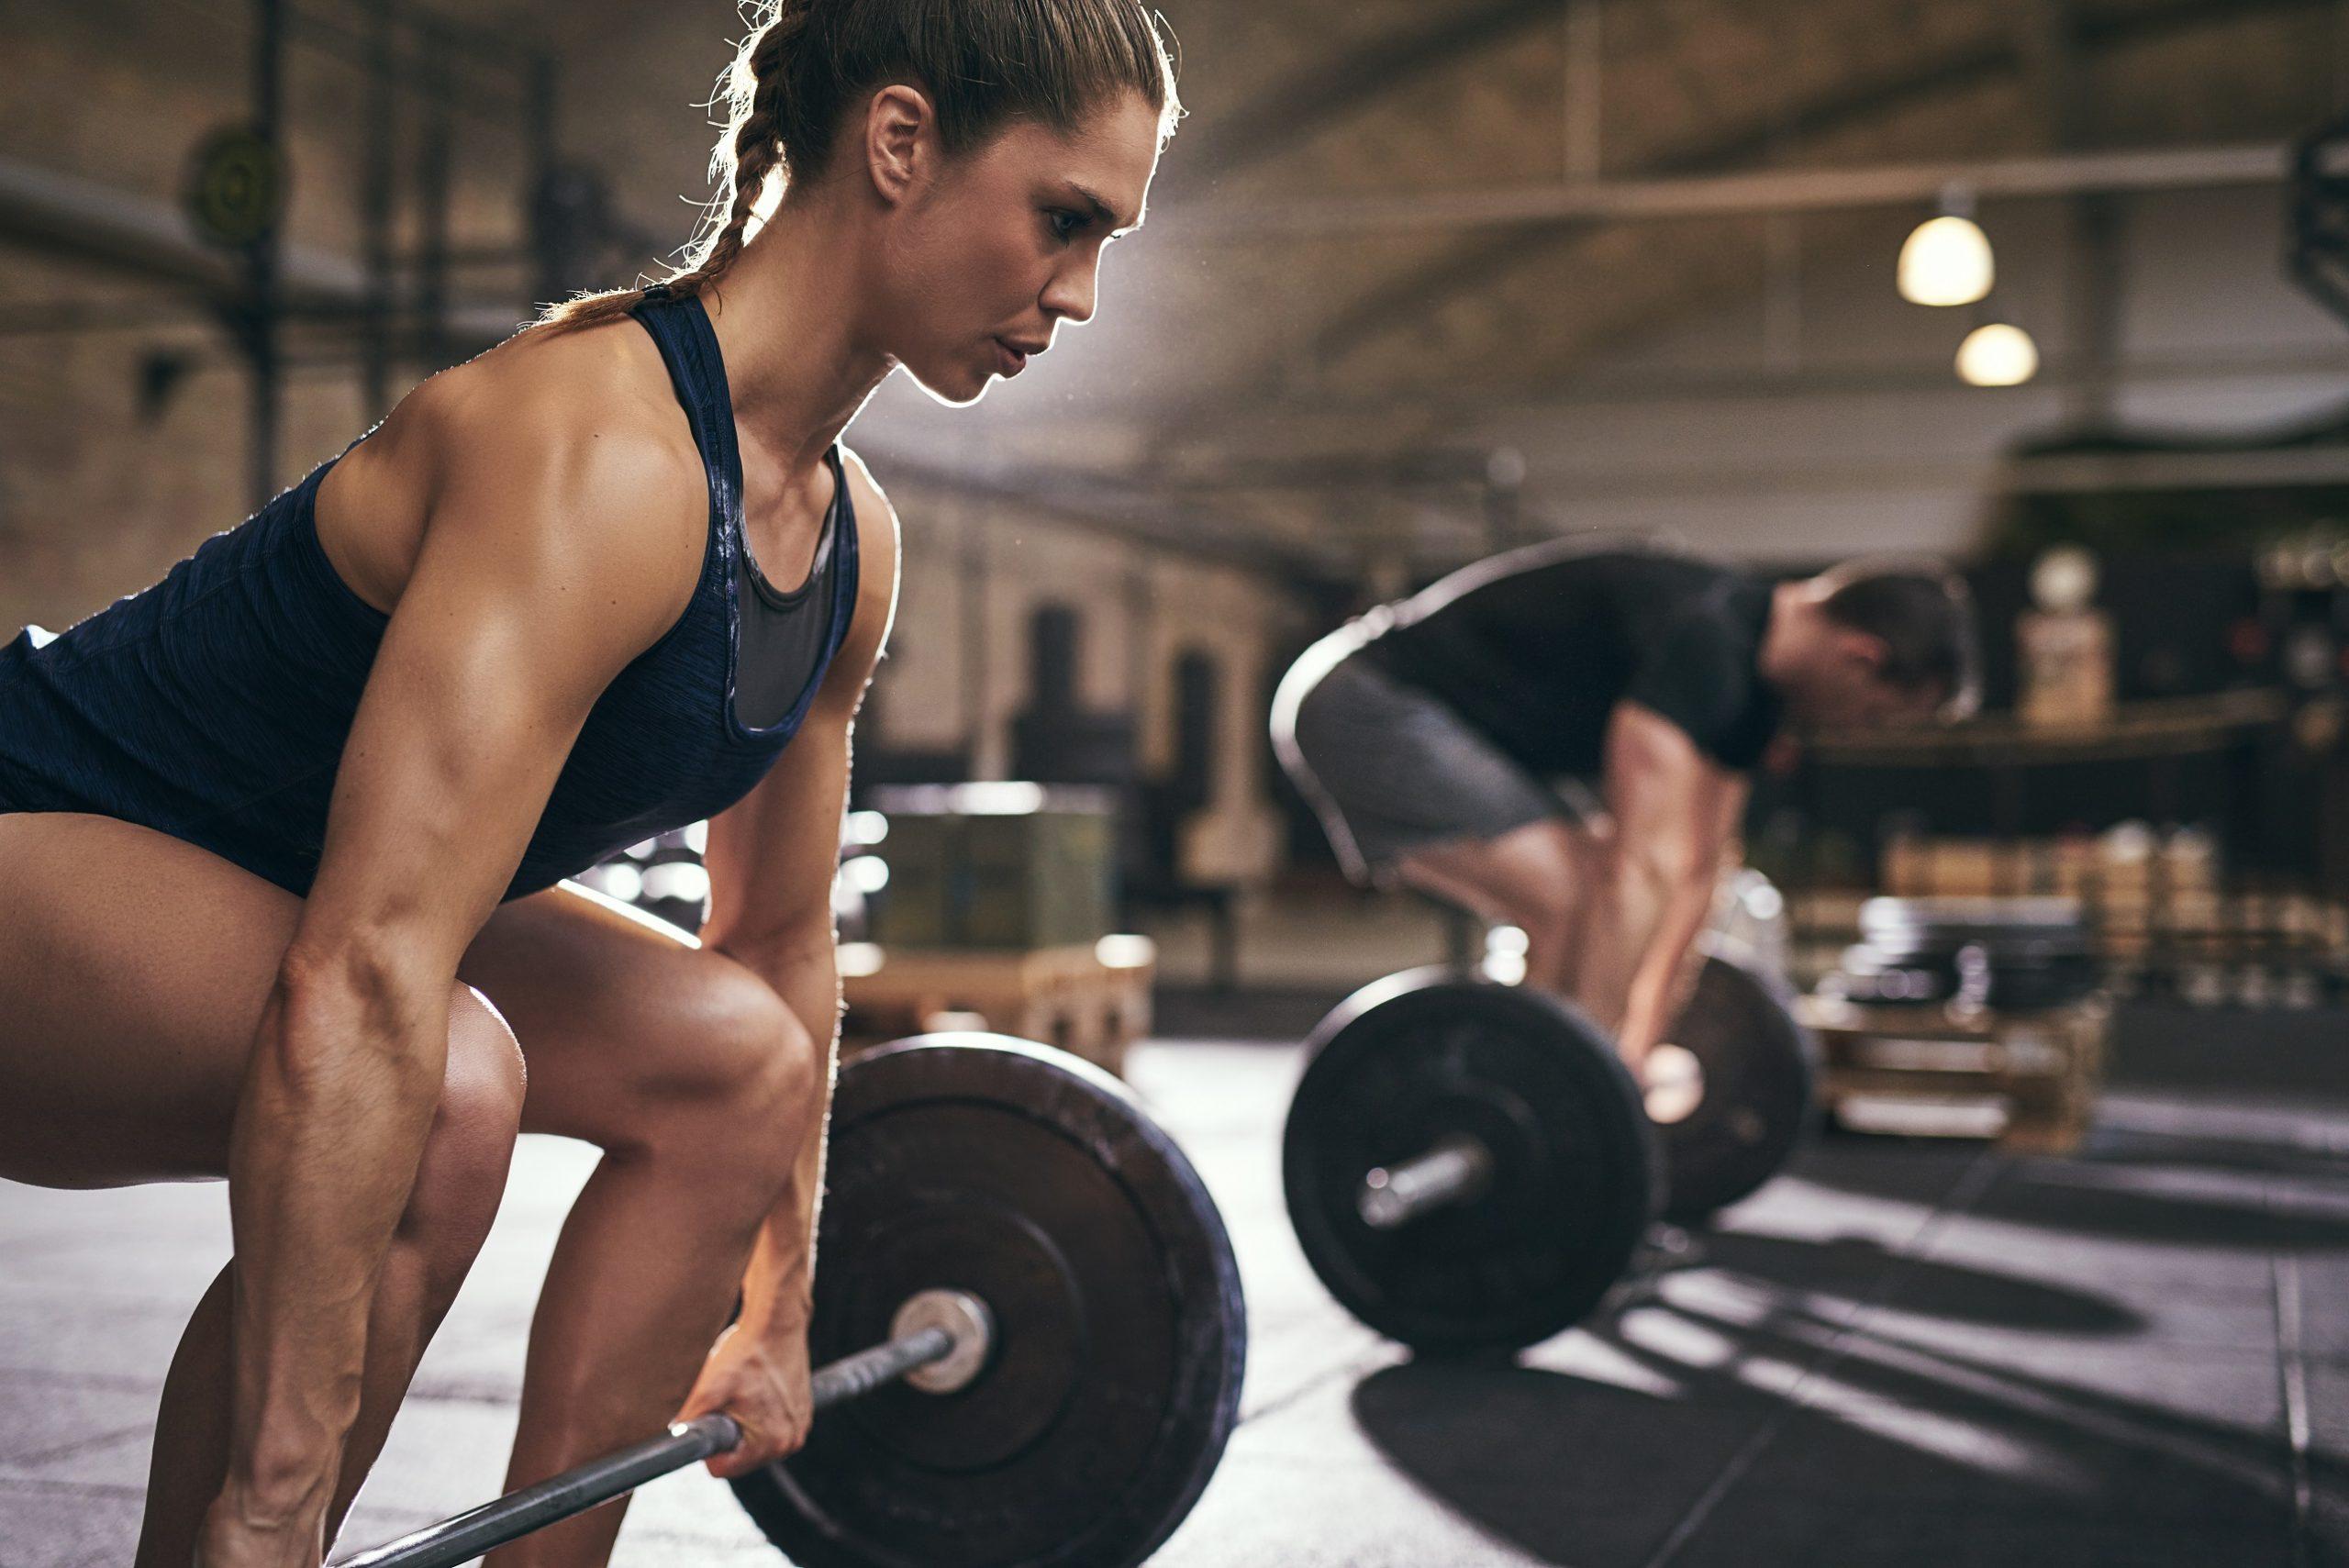 Styrkelabbets minimalistiska träningsprogram